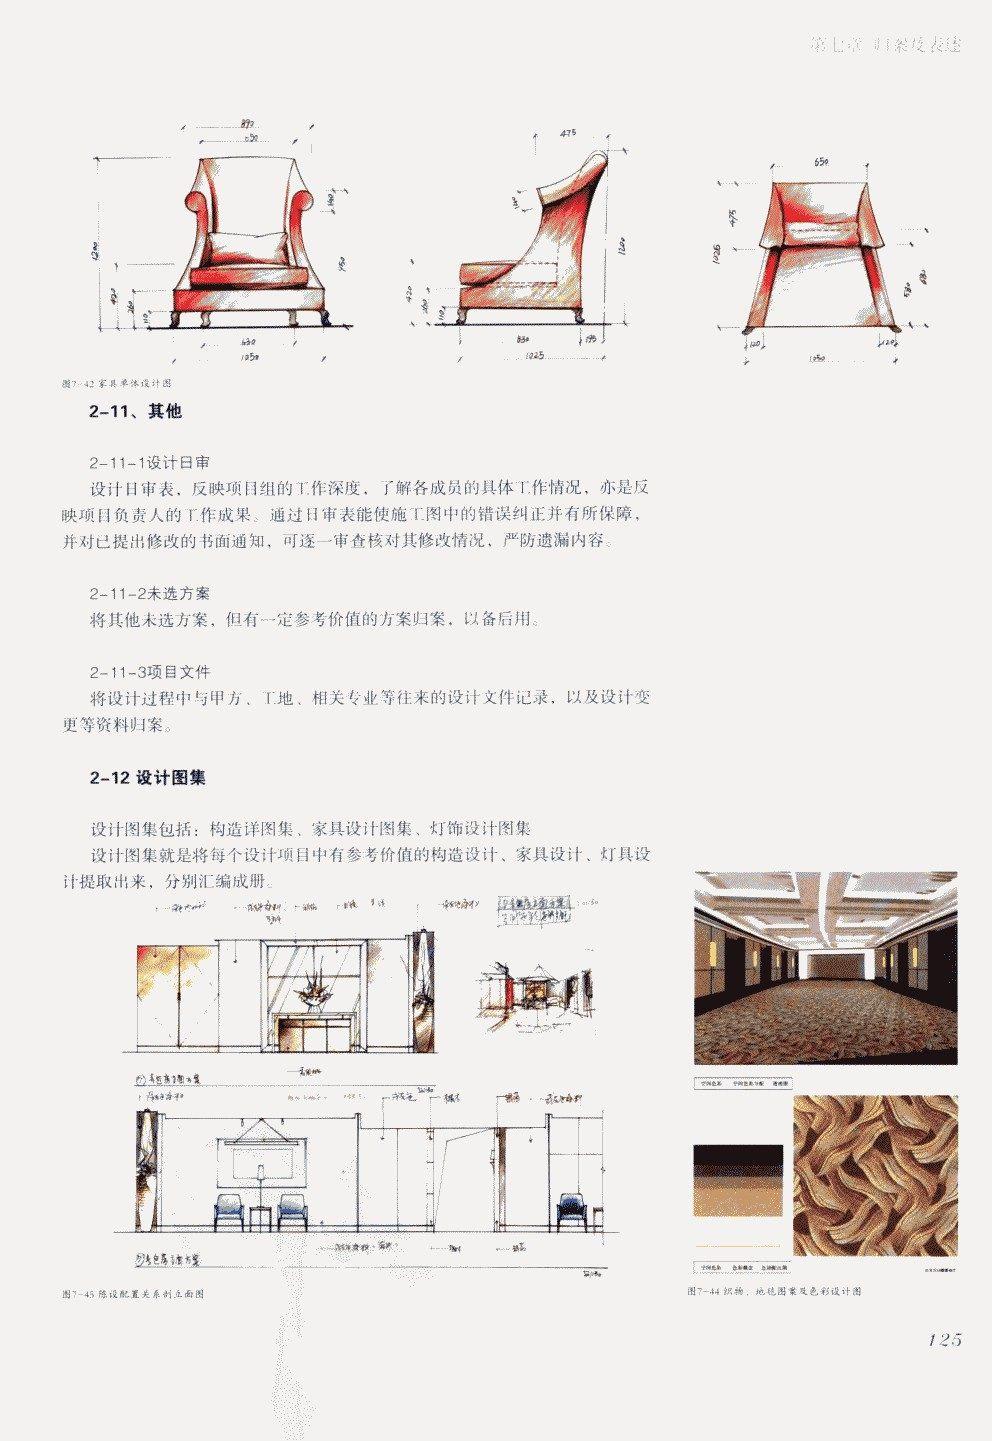 室内设计纲要++概念思考与过程表达_室内设计纲要  概念思考与过程表达_1297982..._页面_133.jpg